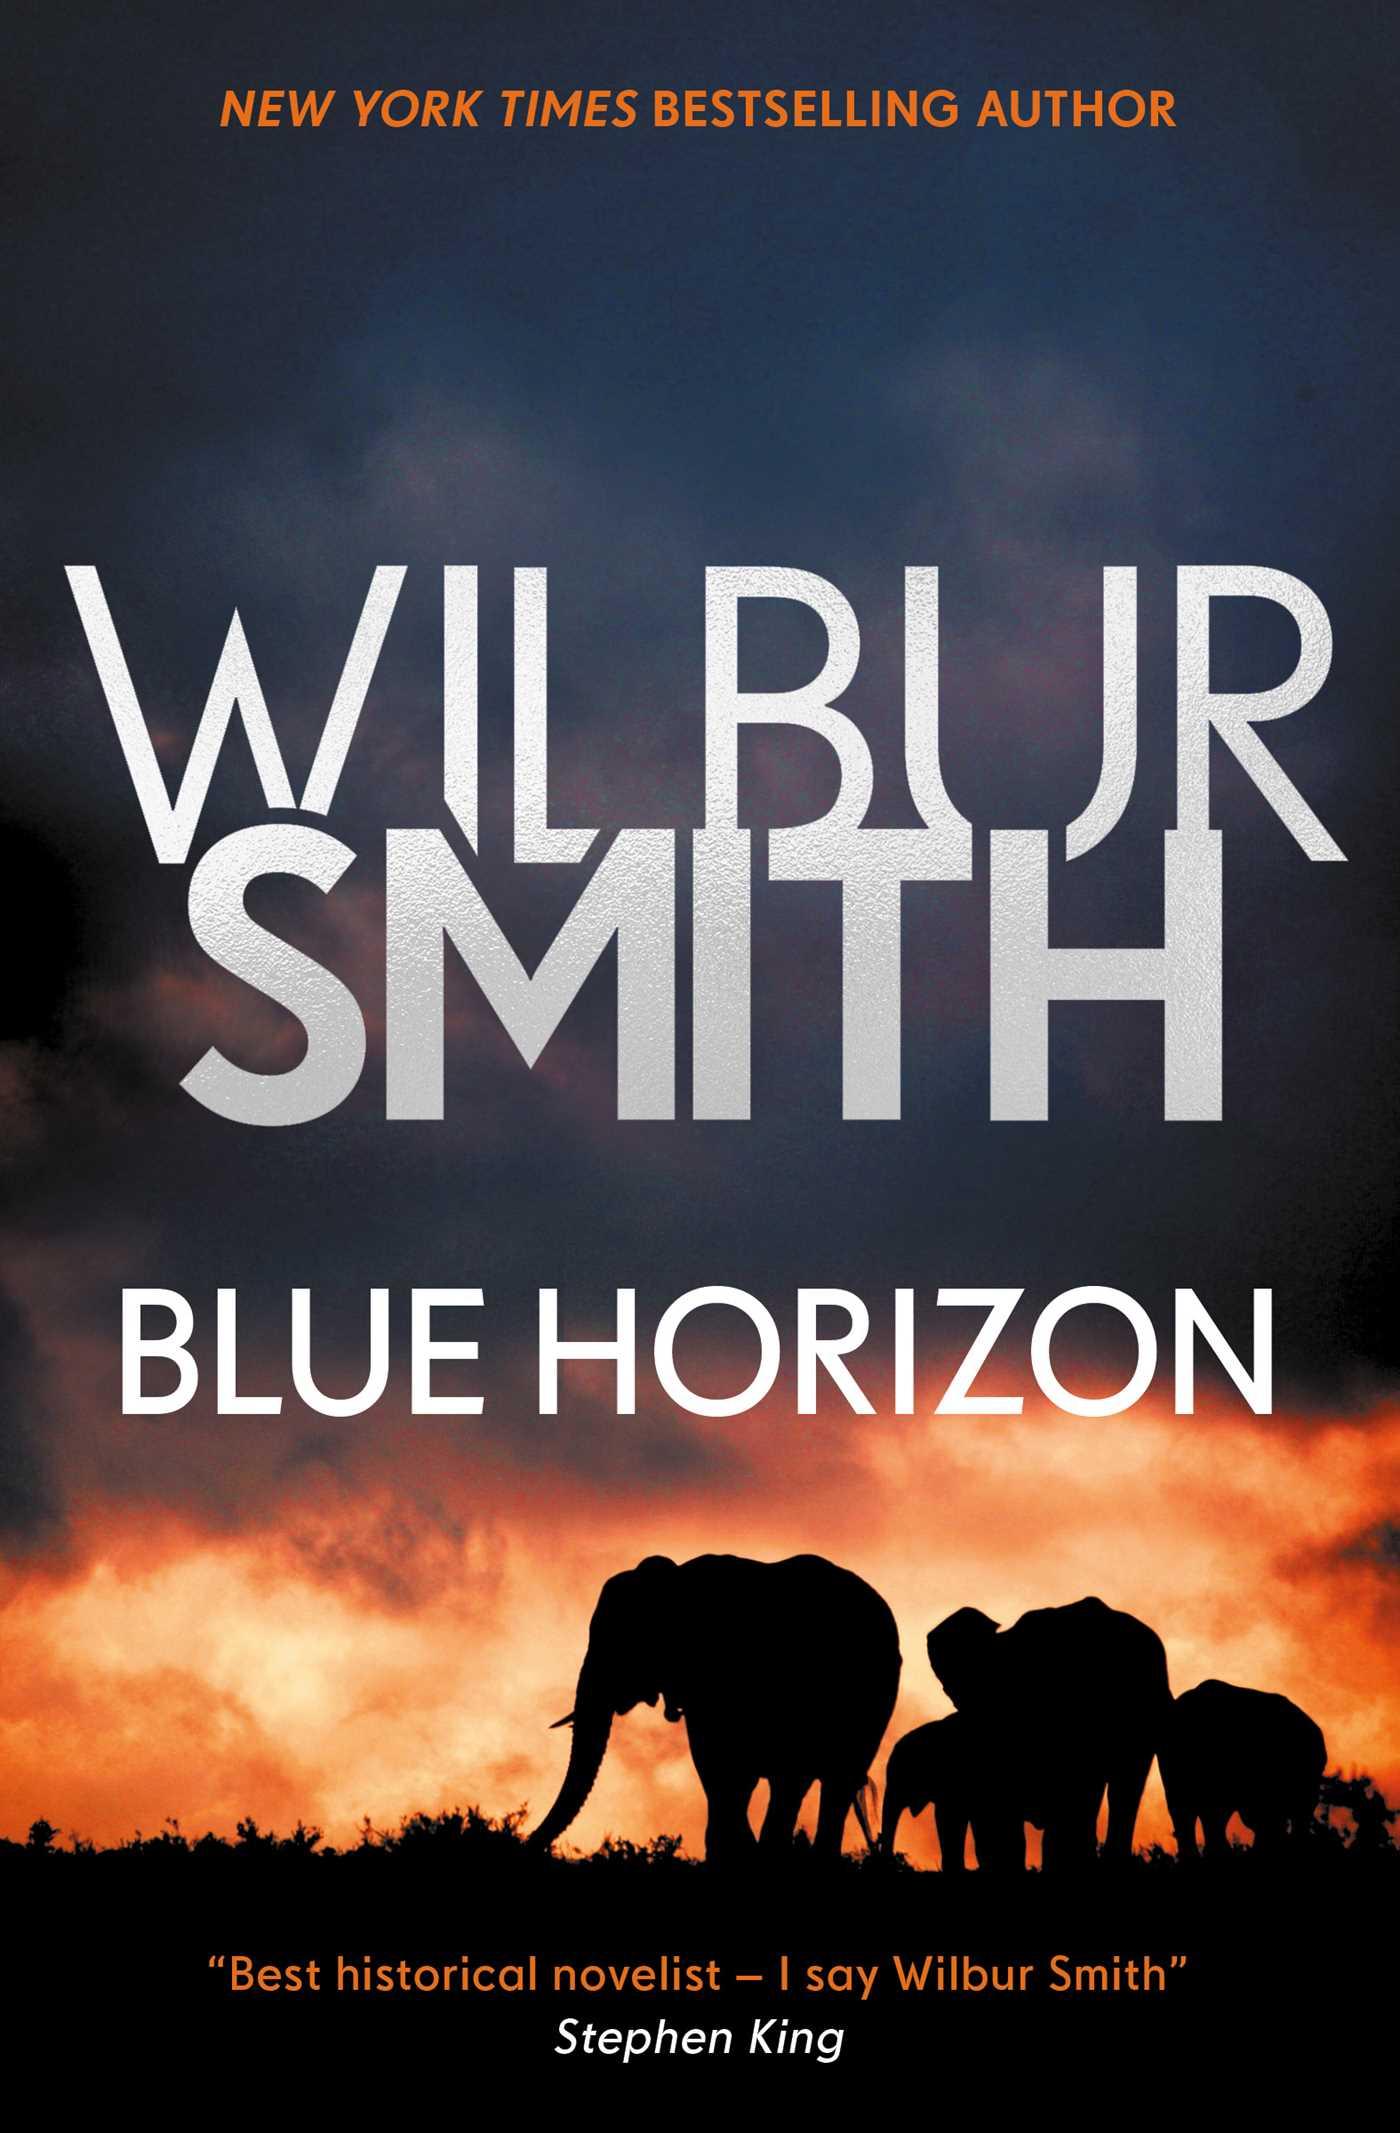 Blue horizon 9781499861037 hr